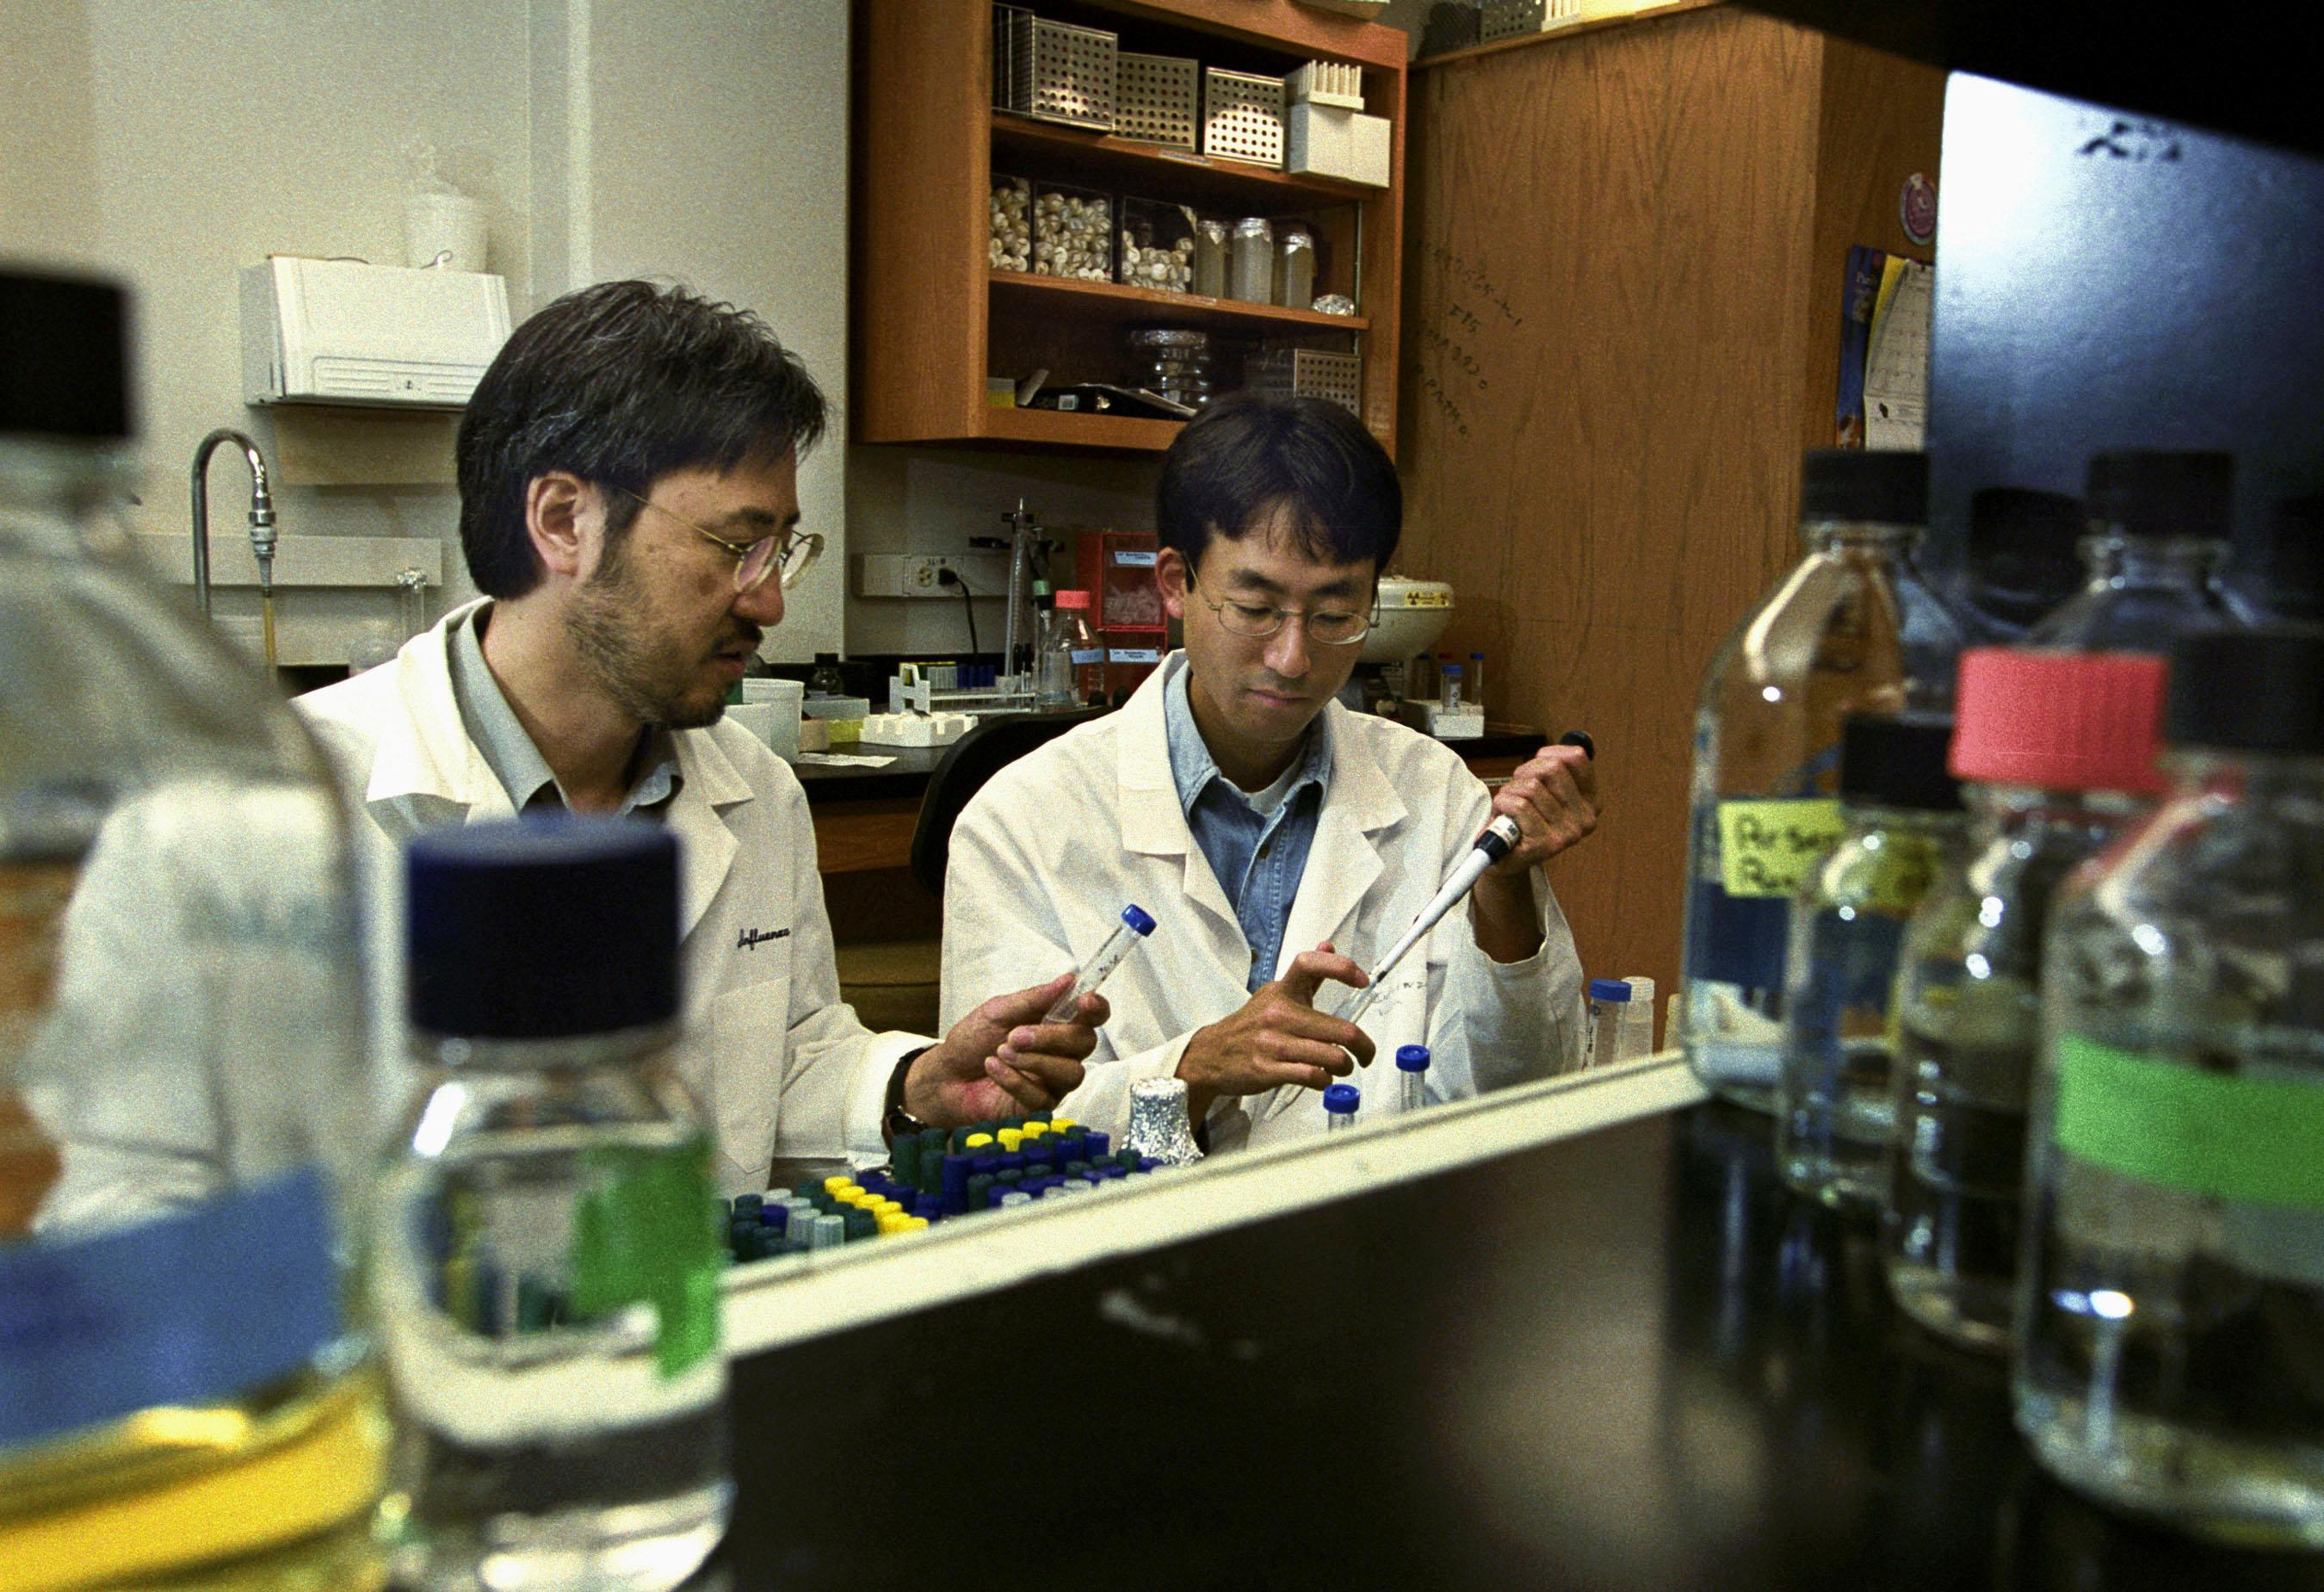 Ученые создали вирус гриппа, способный уничтожить все человечество